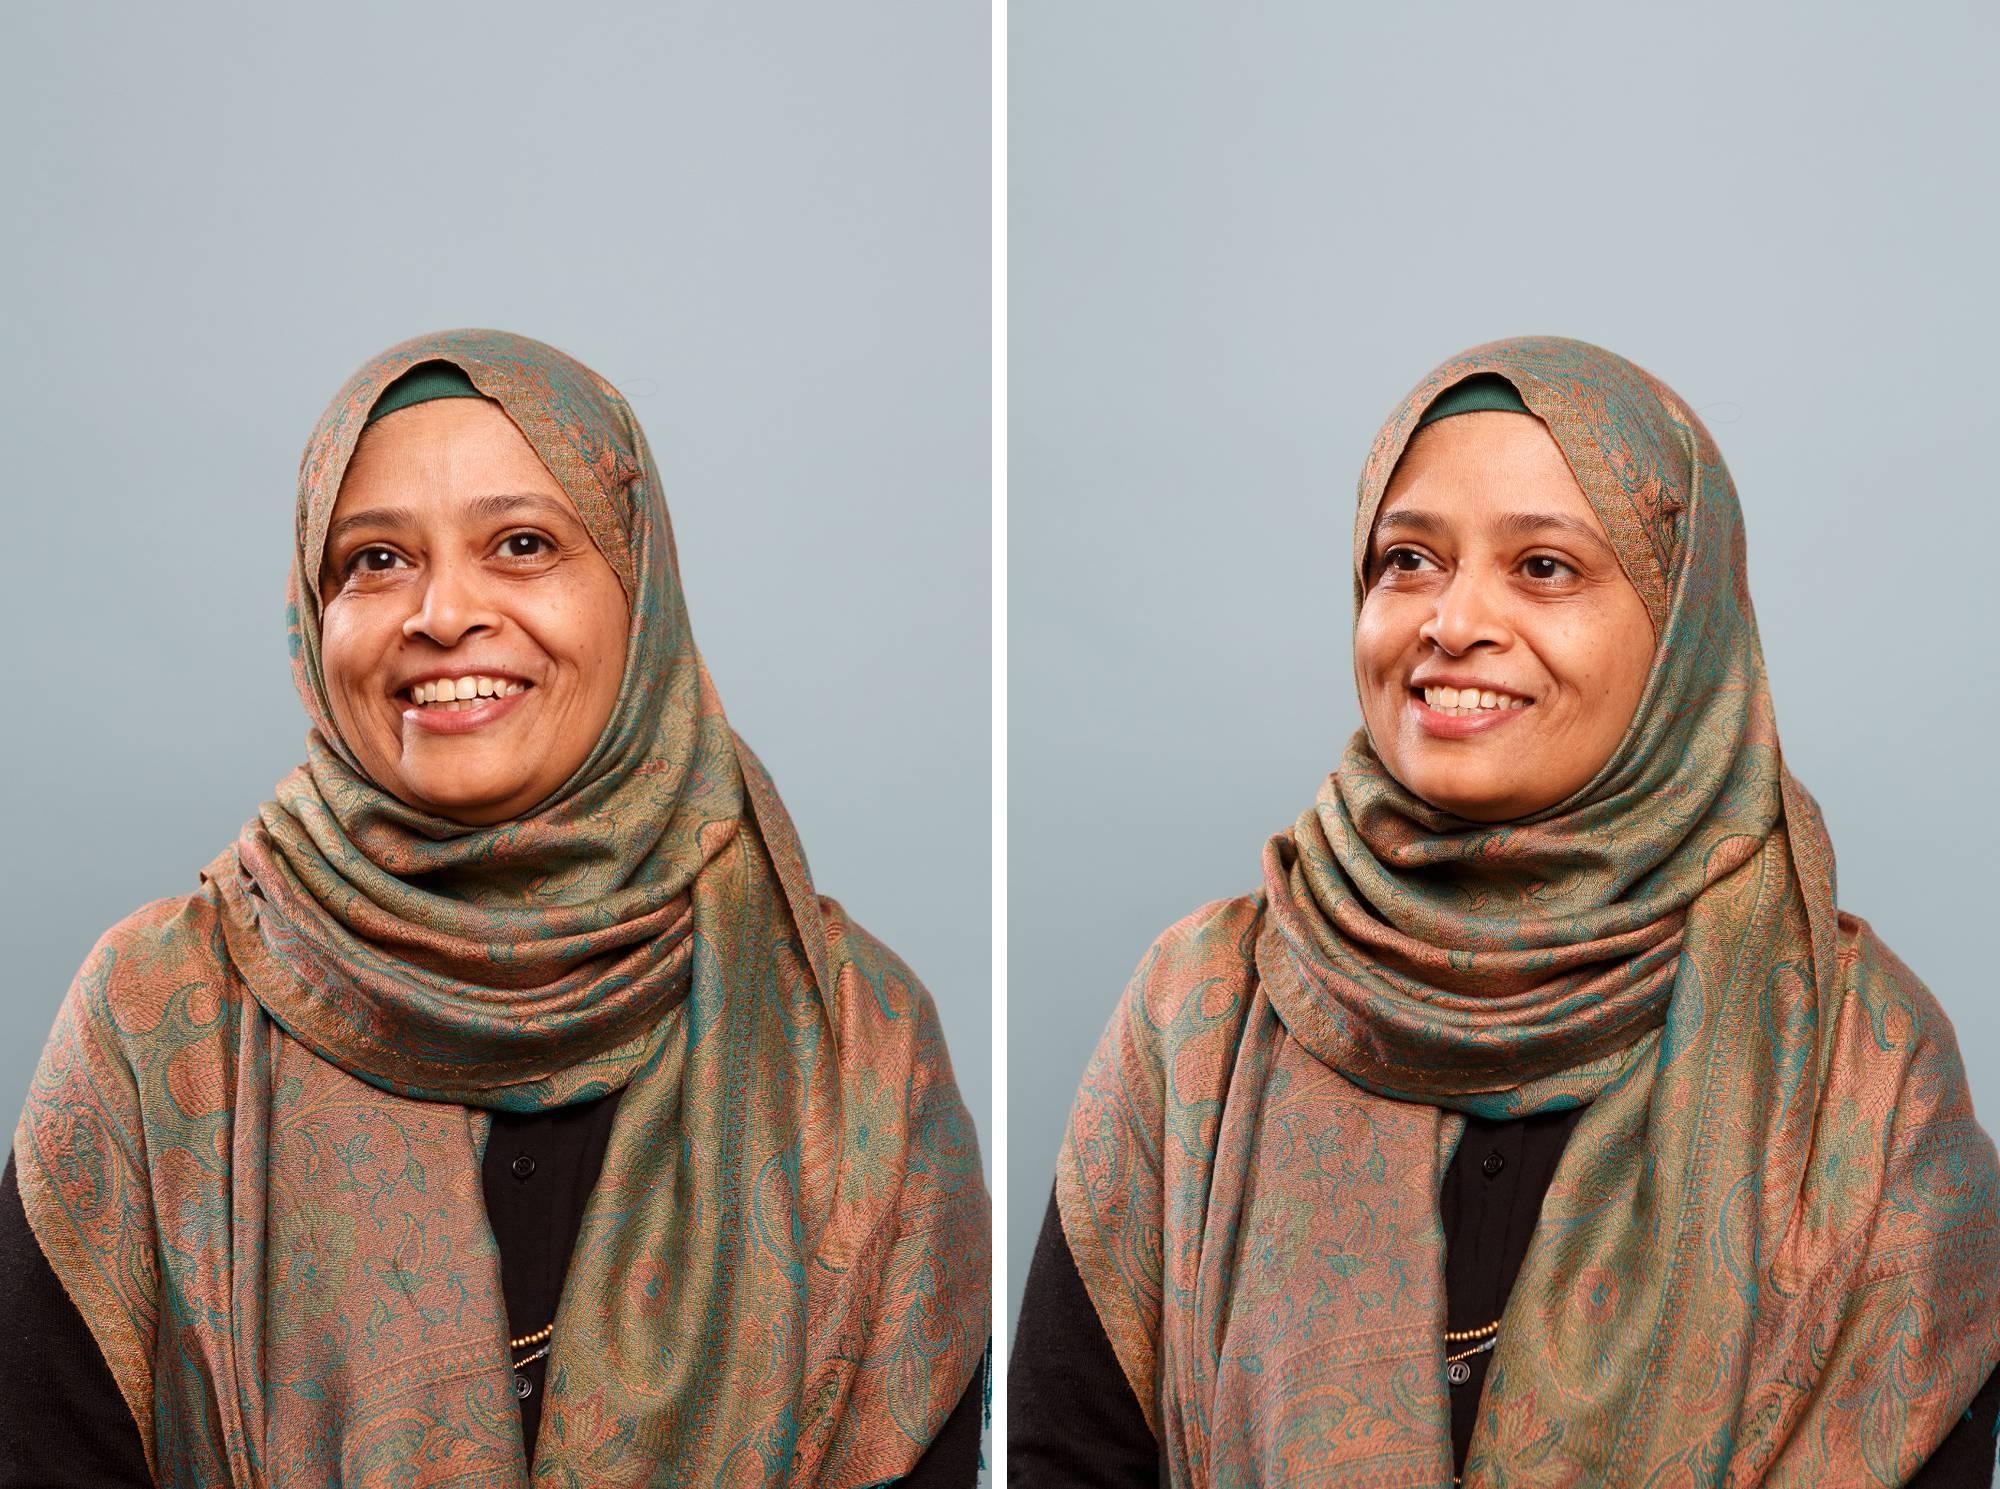 Dr. Sarah Sayeed